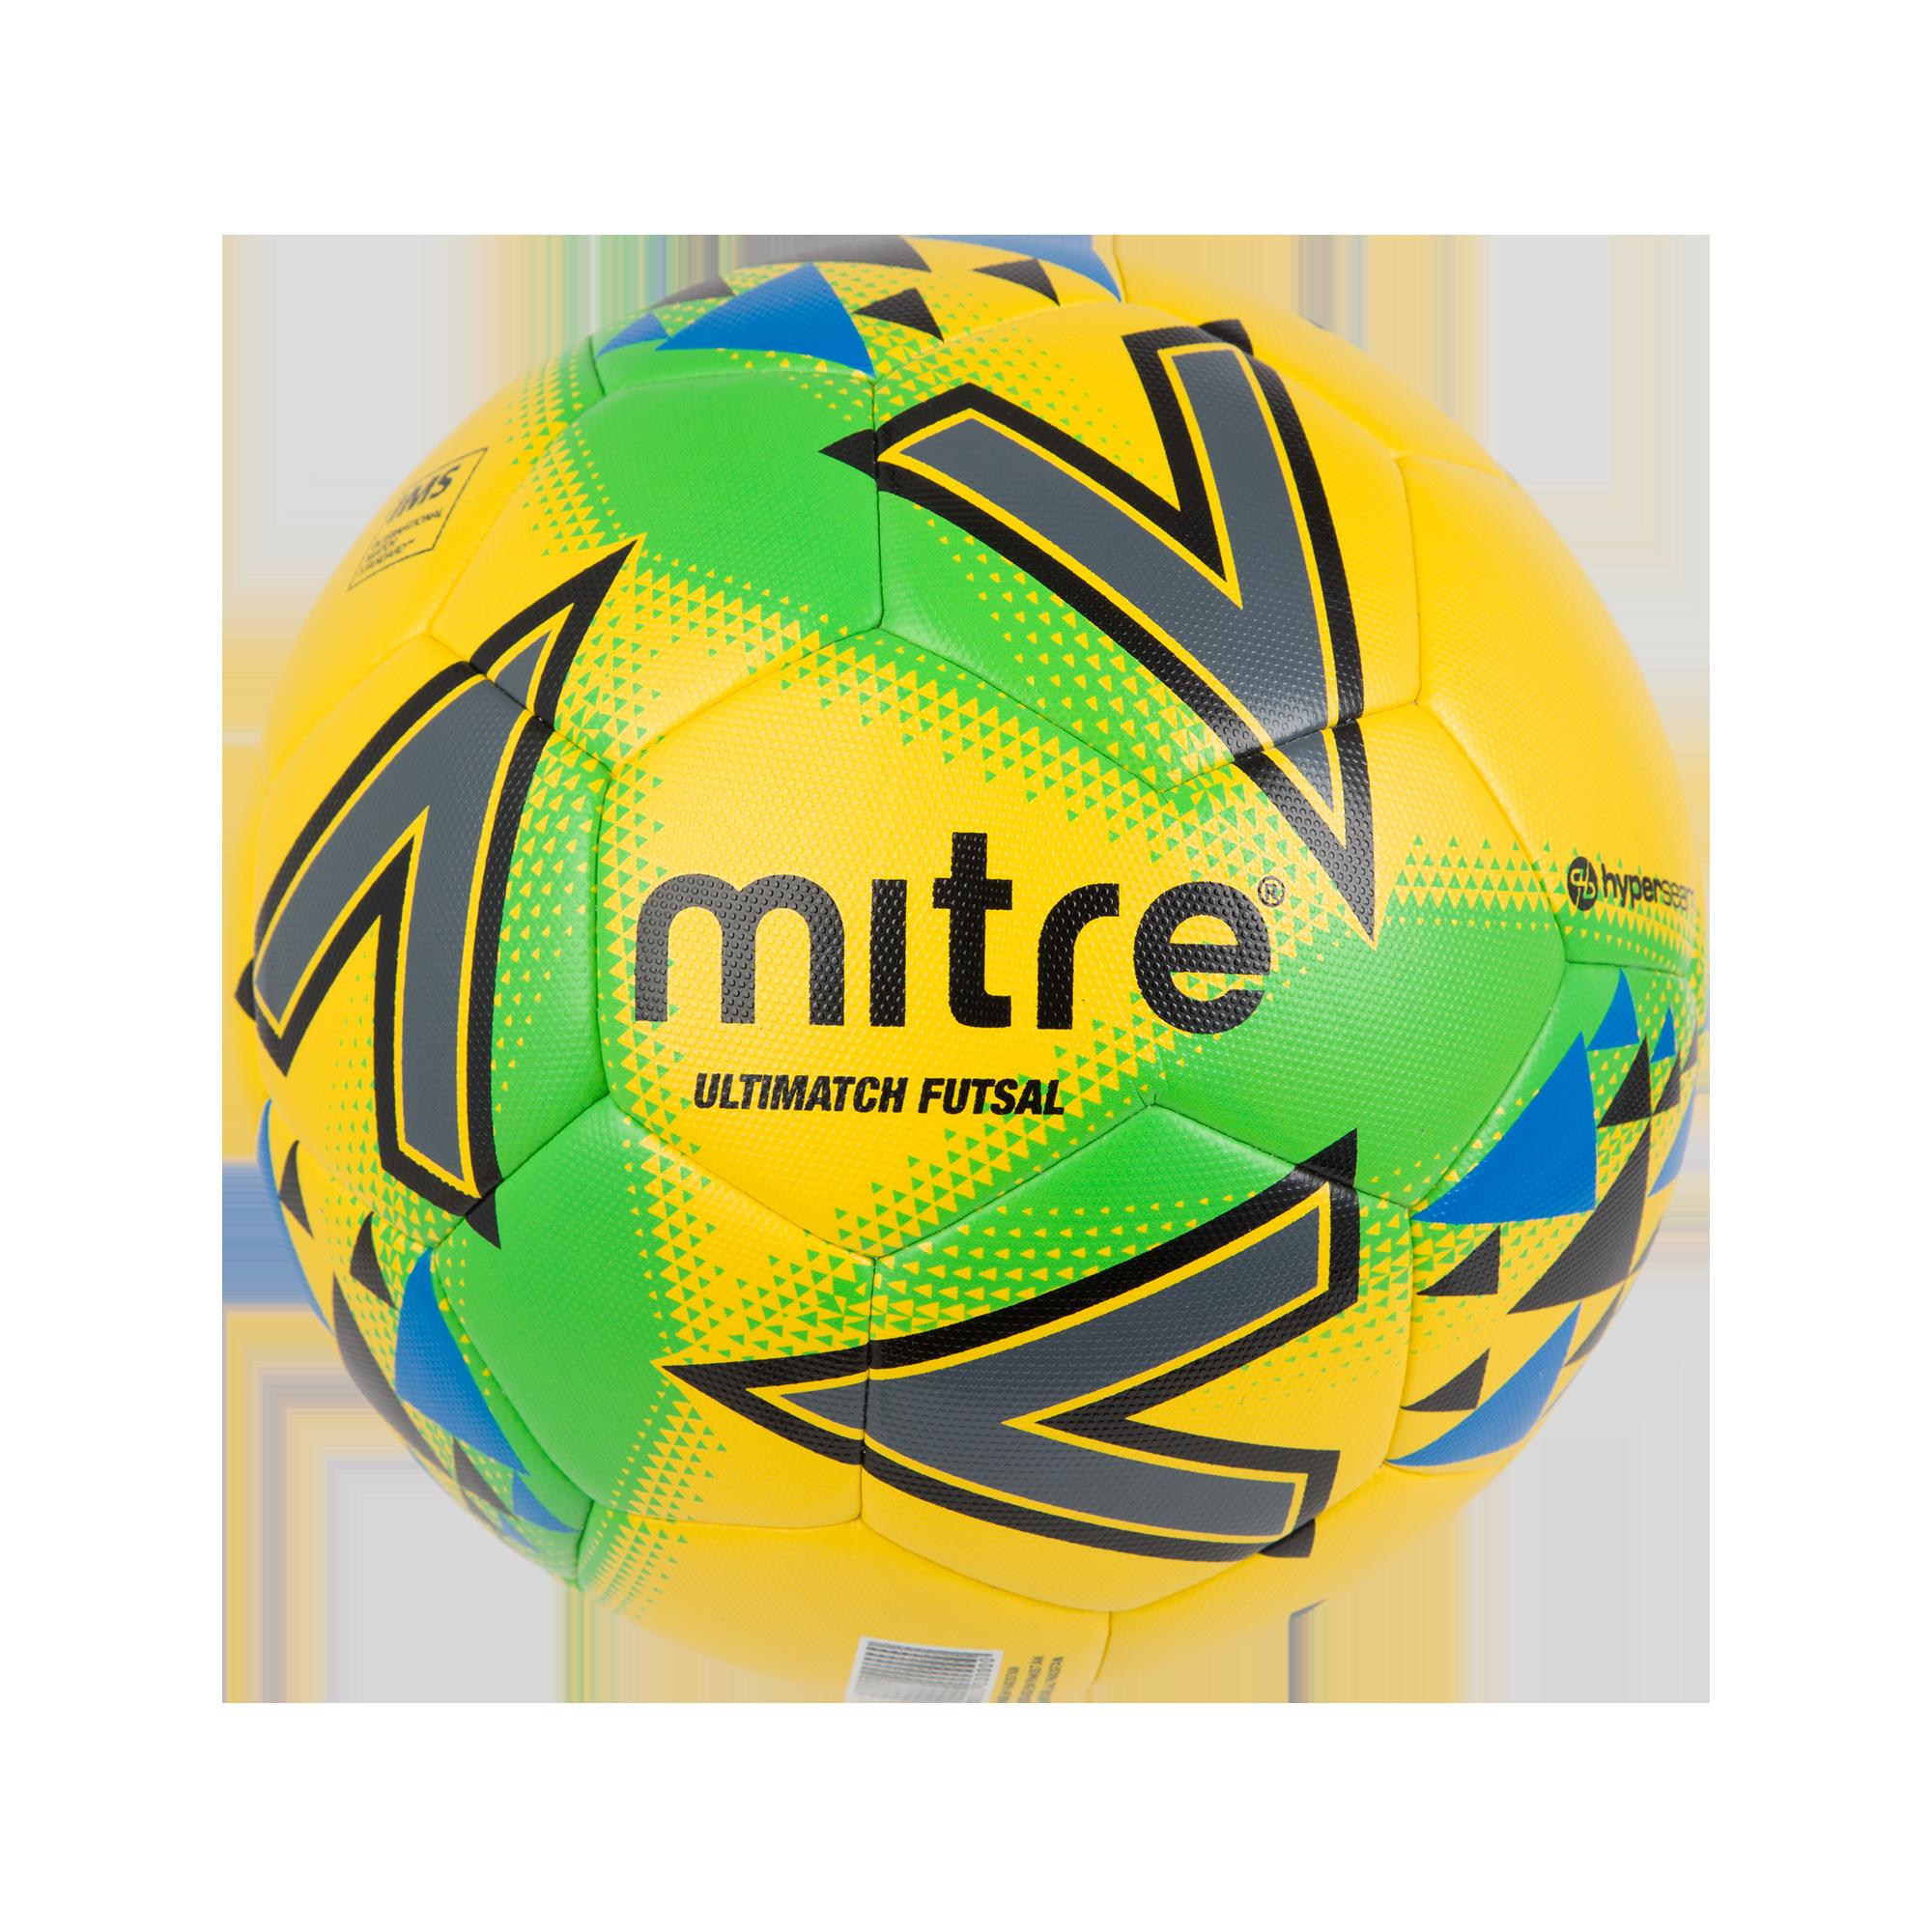 Mitre Ultimatch Futsal — Yellow/Green